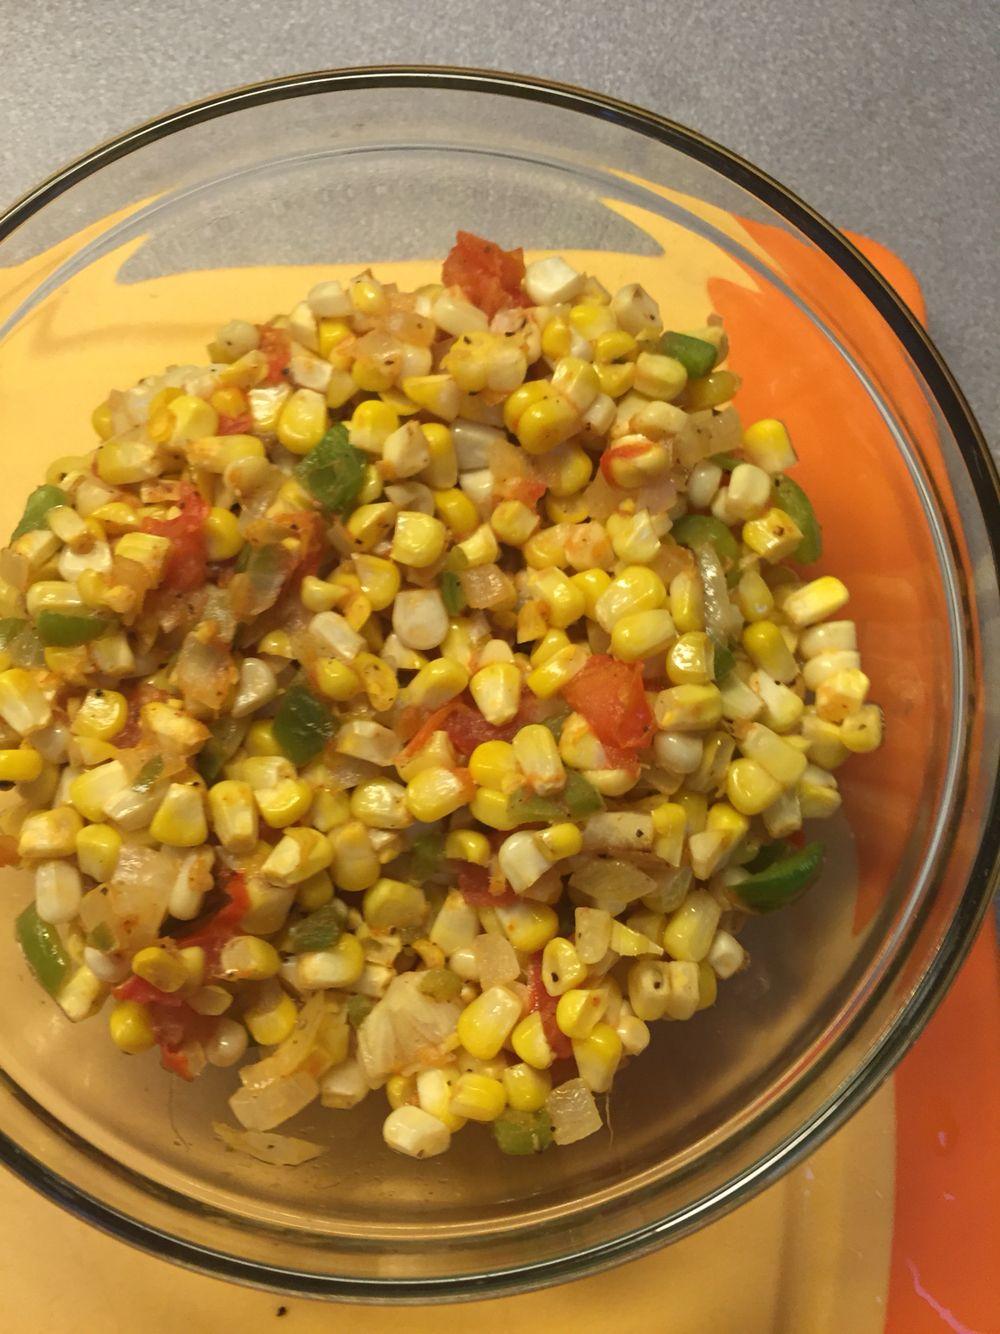 Maque choux (corn, green bell pepper, jalapeño, onion